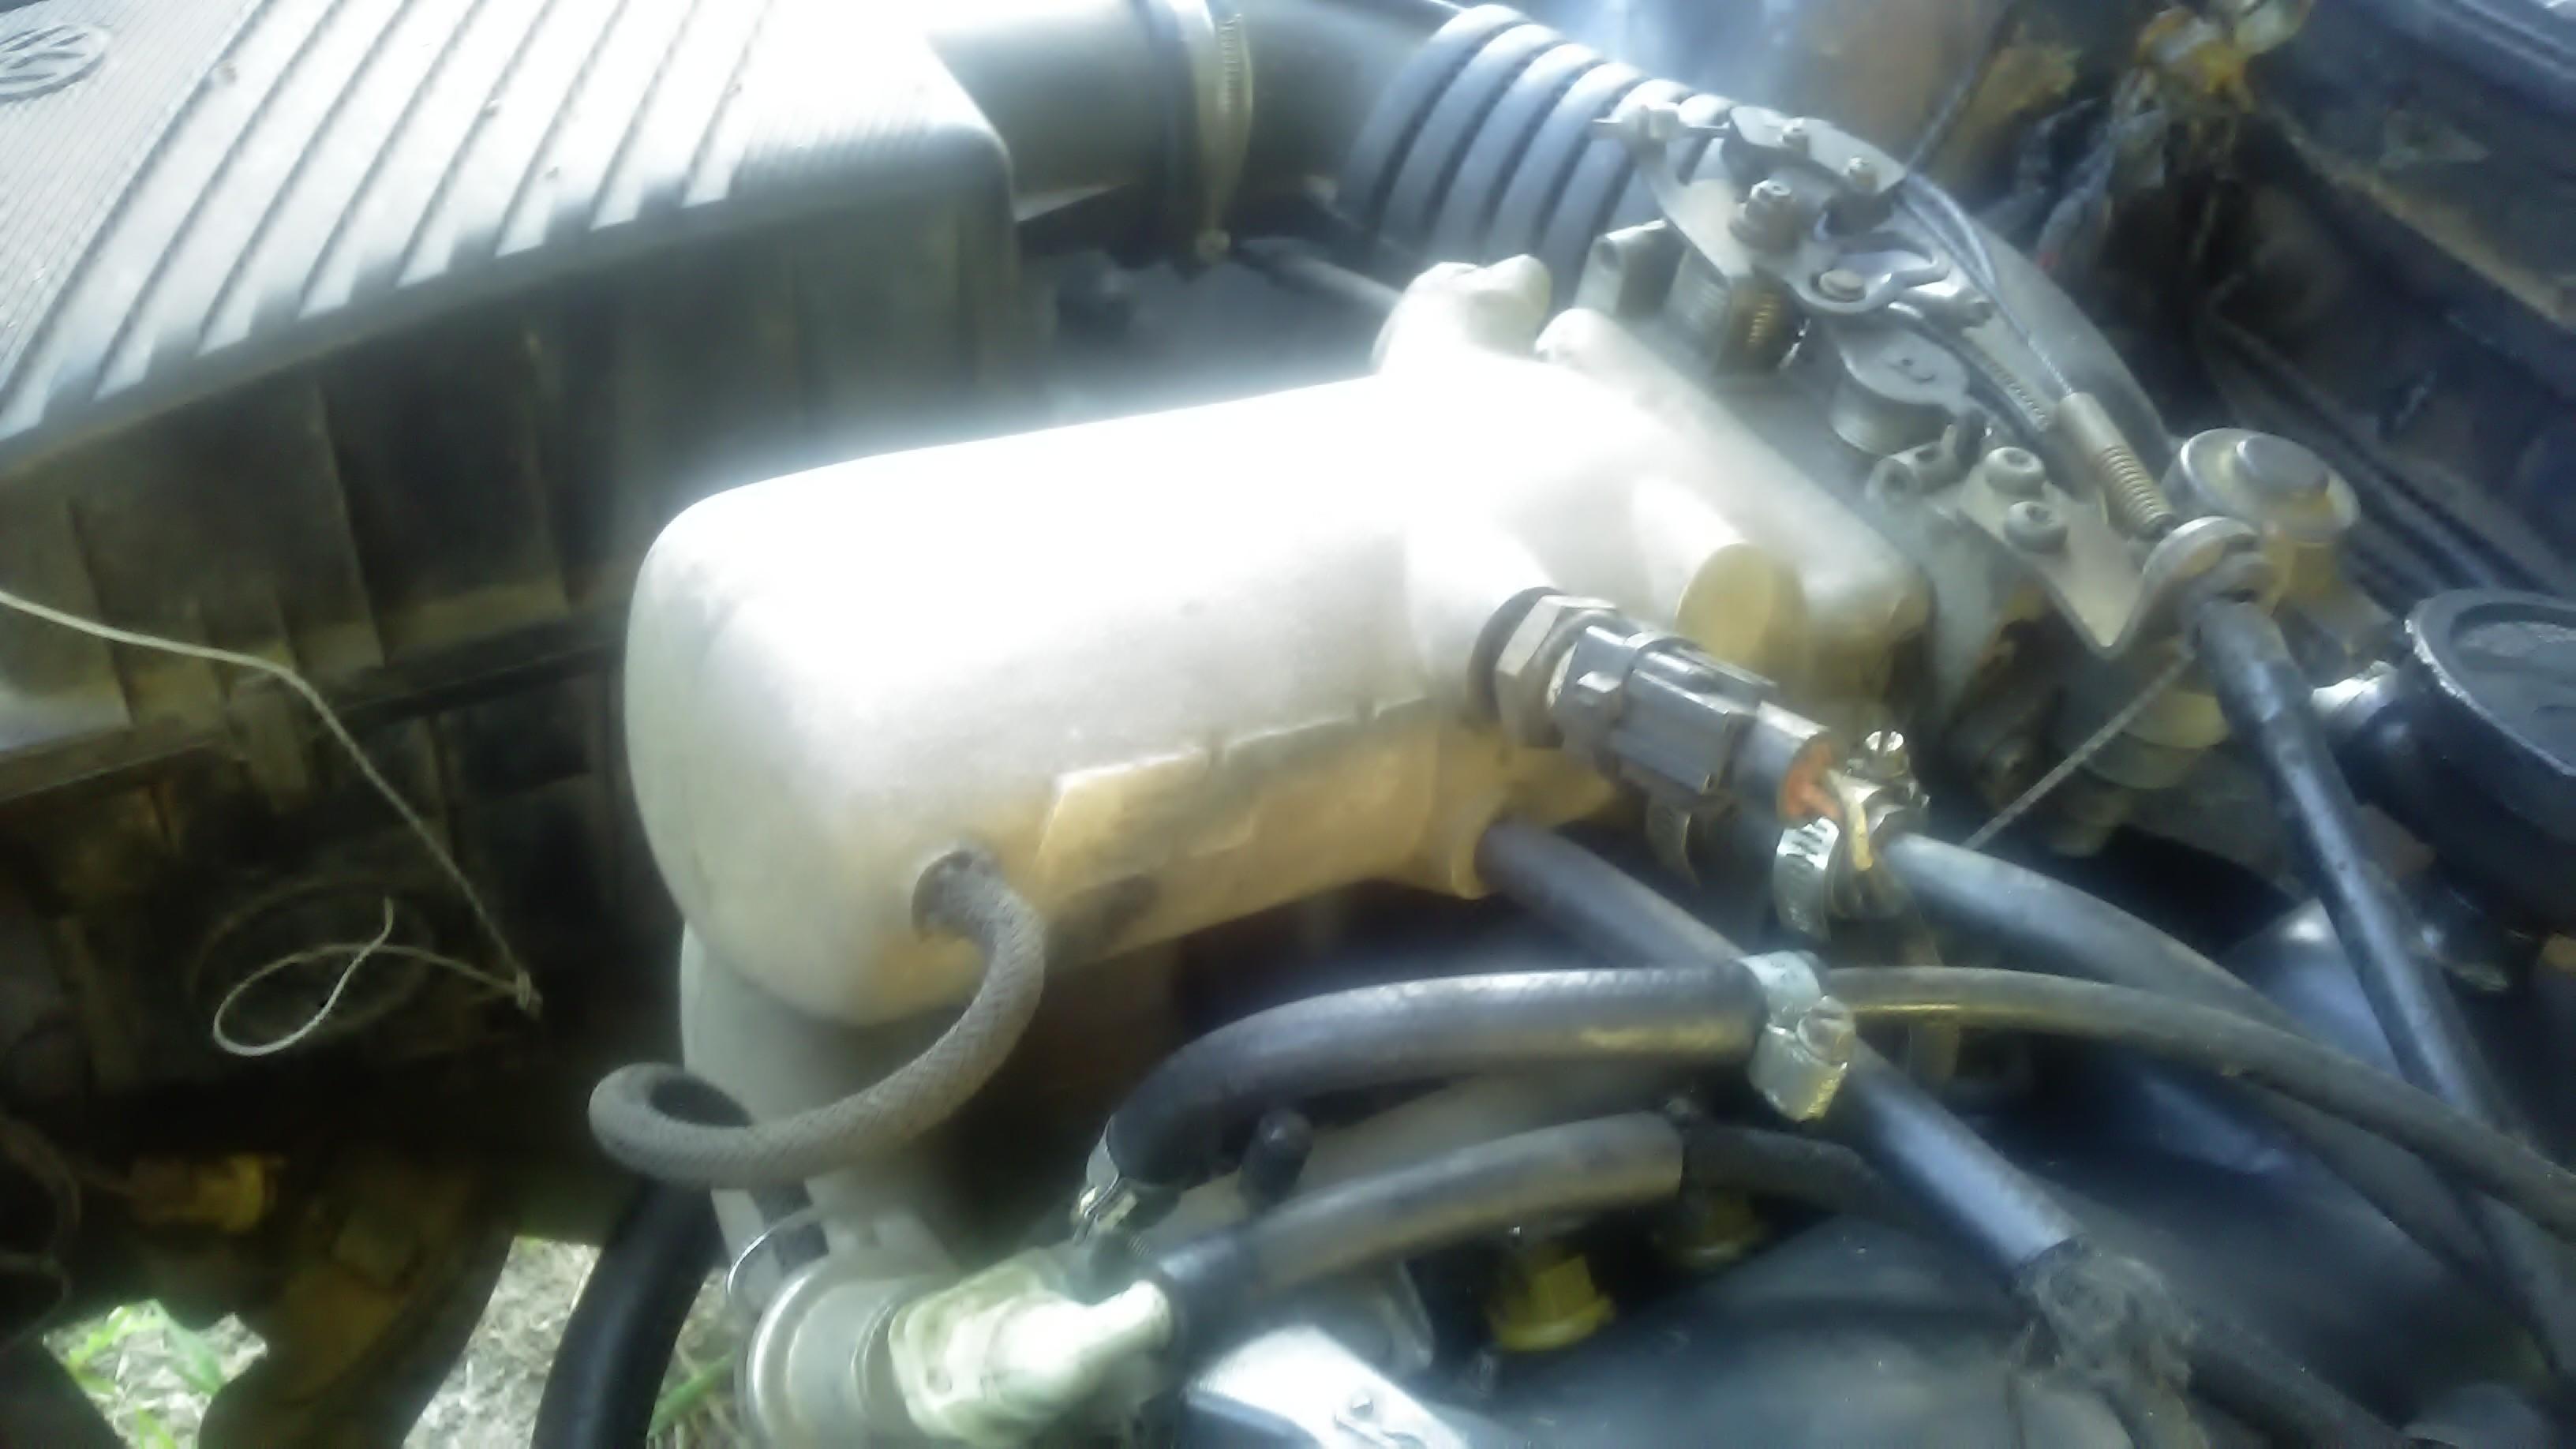 Kit injeção completa com módulos, chicote etc... do motor 2.0 E. F. I Gasolina da linha VW.